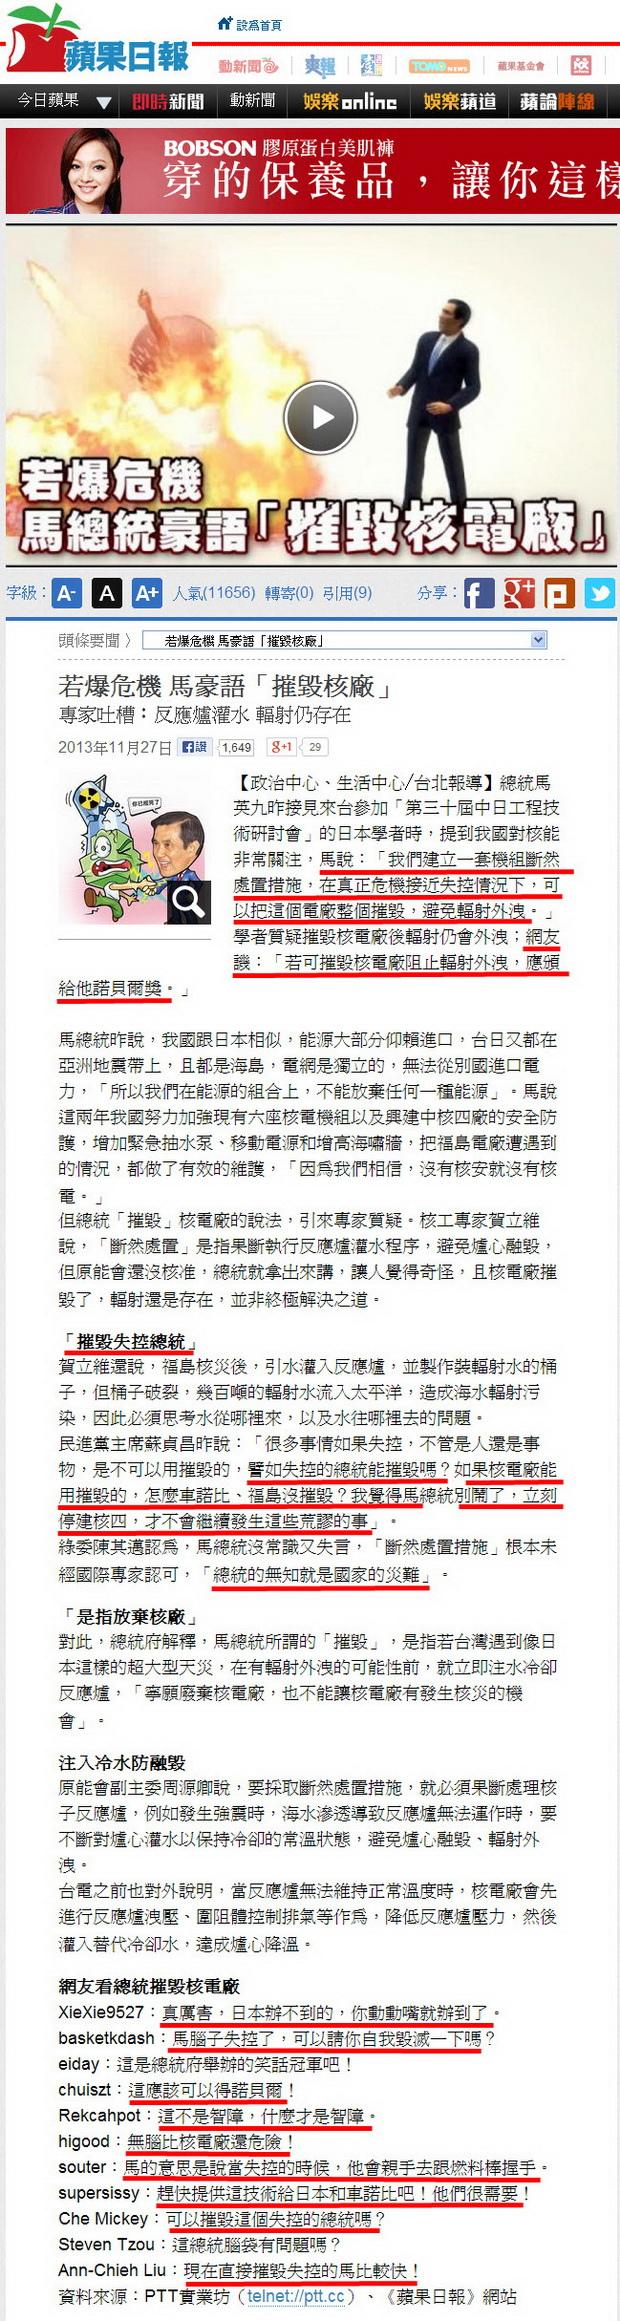 若爆危機 馬豪語「摧毀核廠」-2013.11.27.jpg